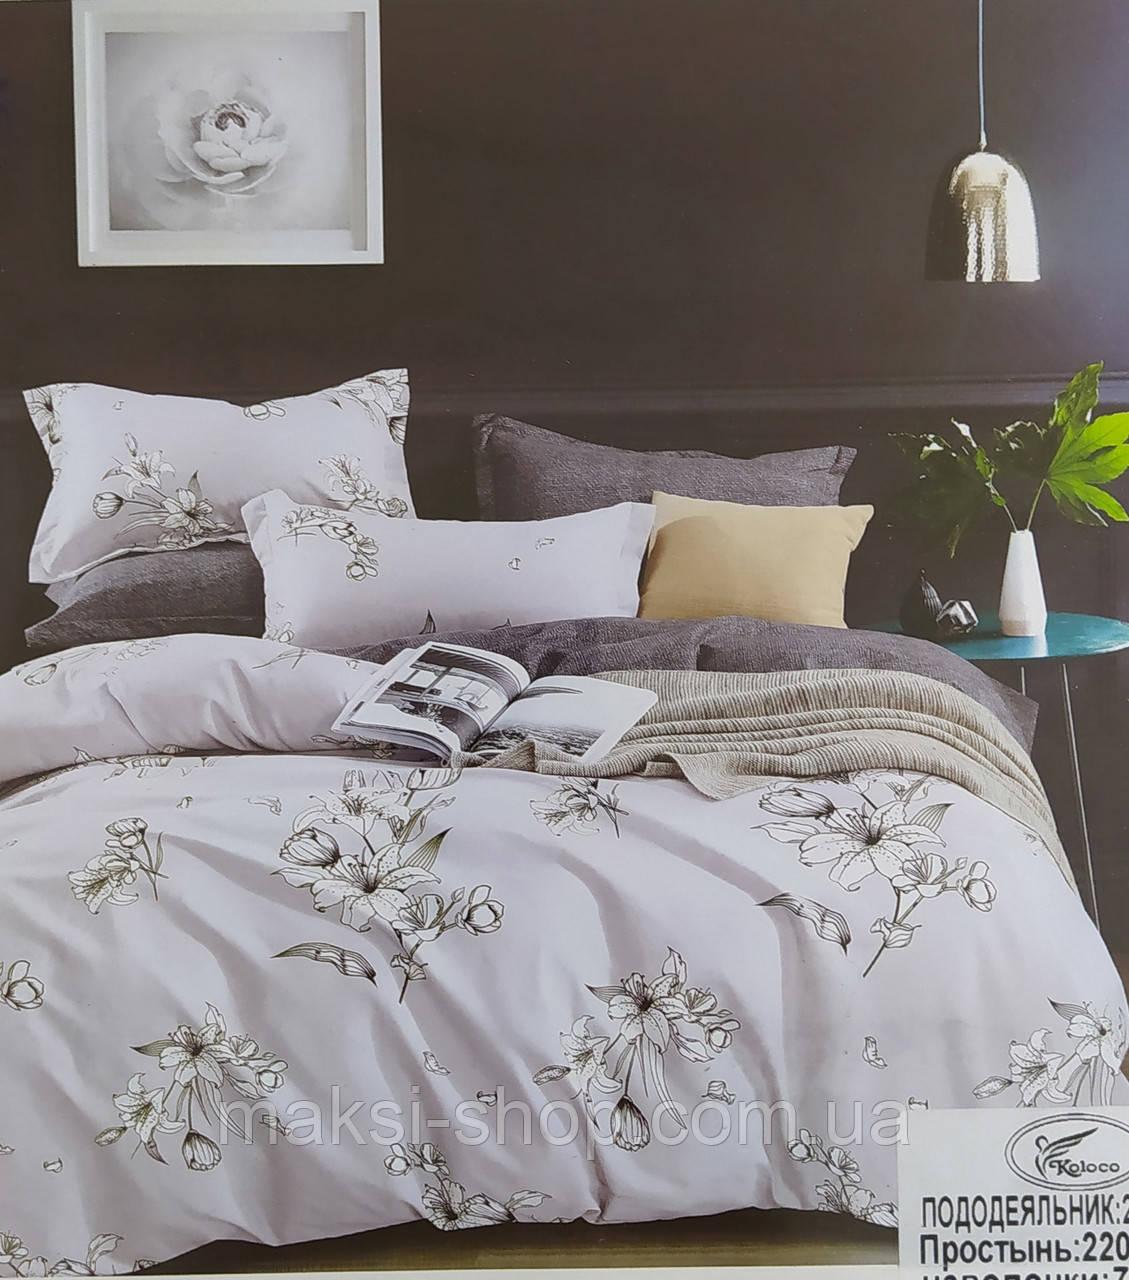 Комплект постельного белья евро размер комбинированное сатин-байка Koloco Турция